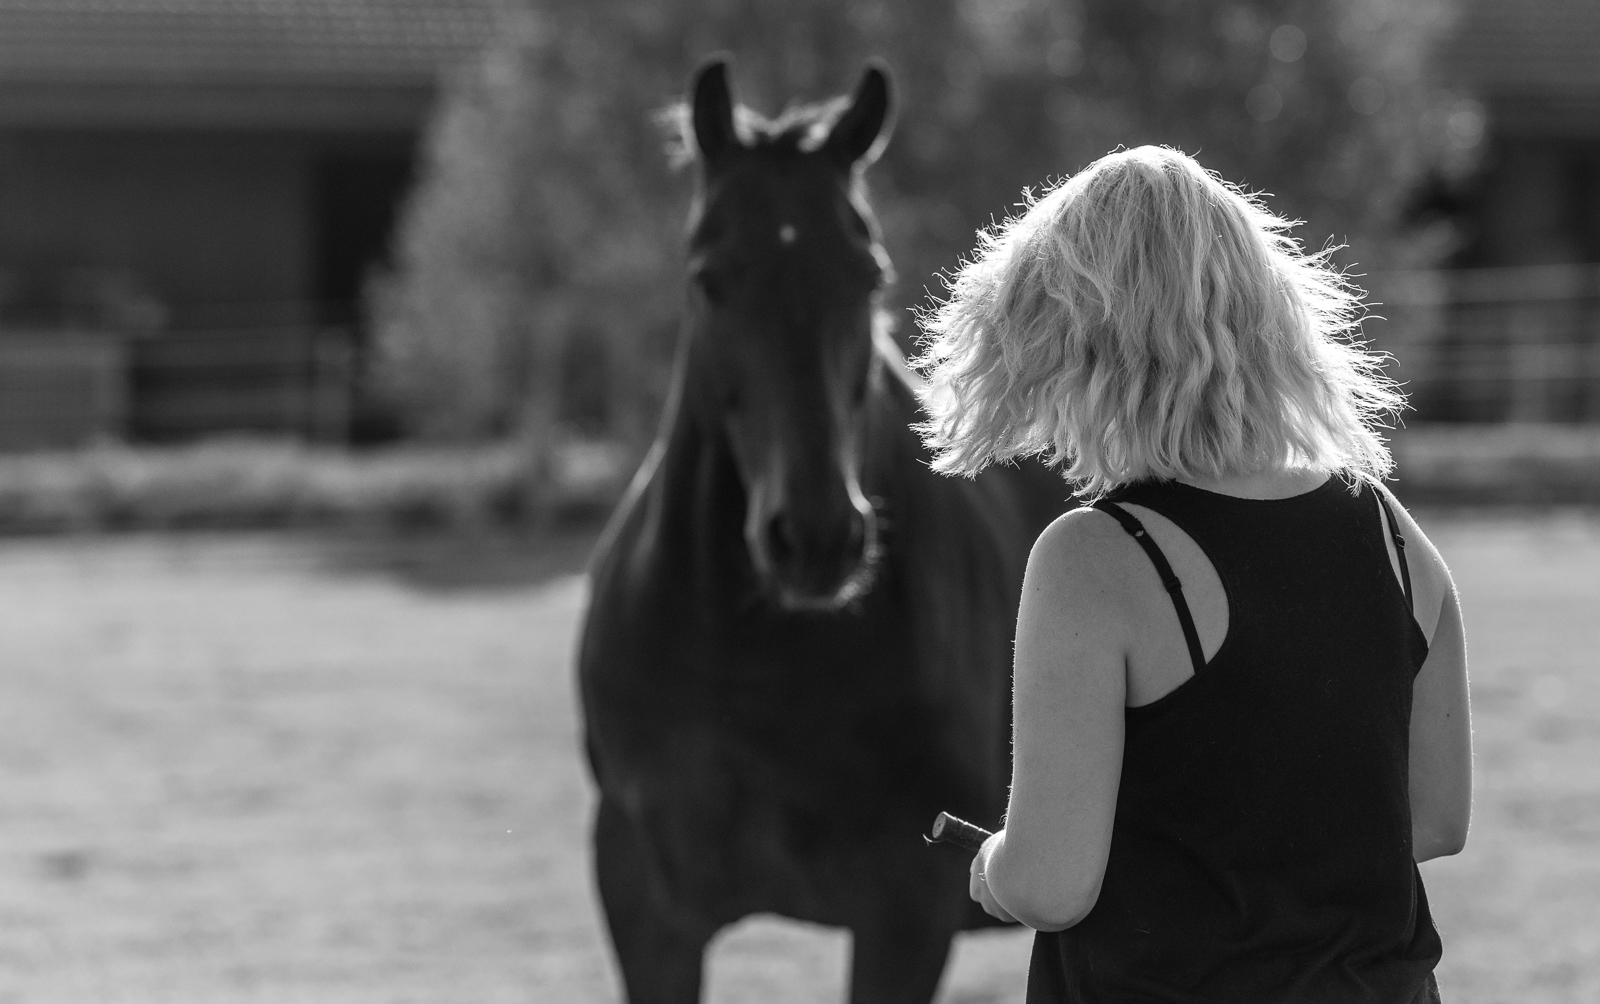 Schwarz weiß Foto | Pferd und Mensch bei der Freiarbeit | dokumentarische Pferdefotografie | Sarah Koutnik Fotografie